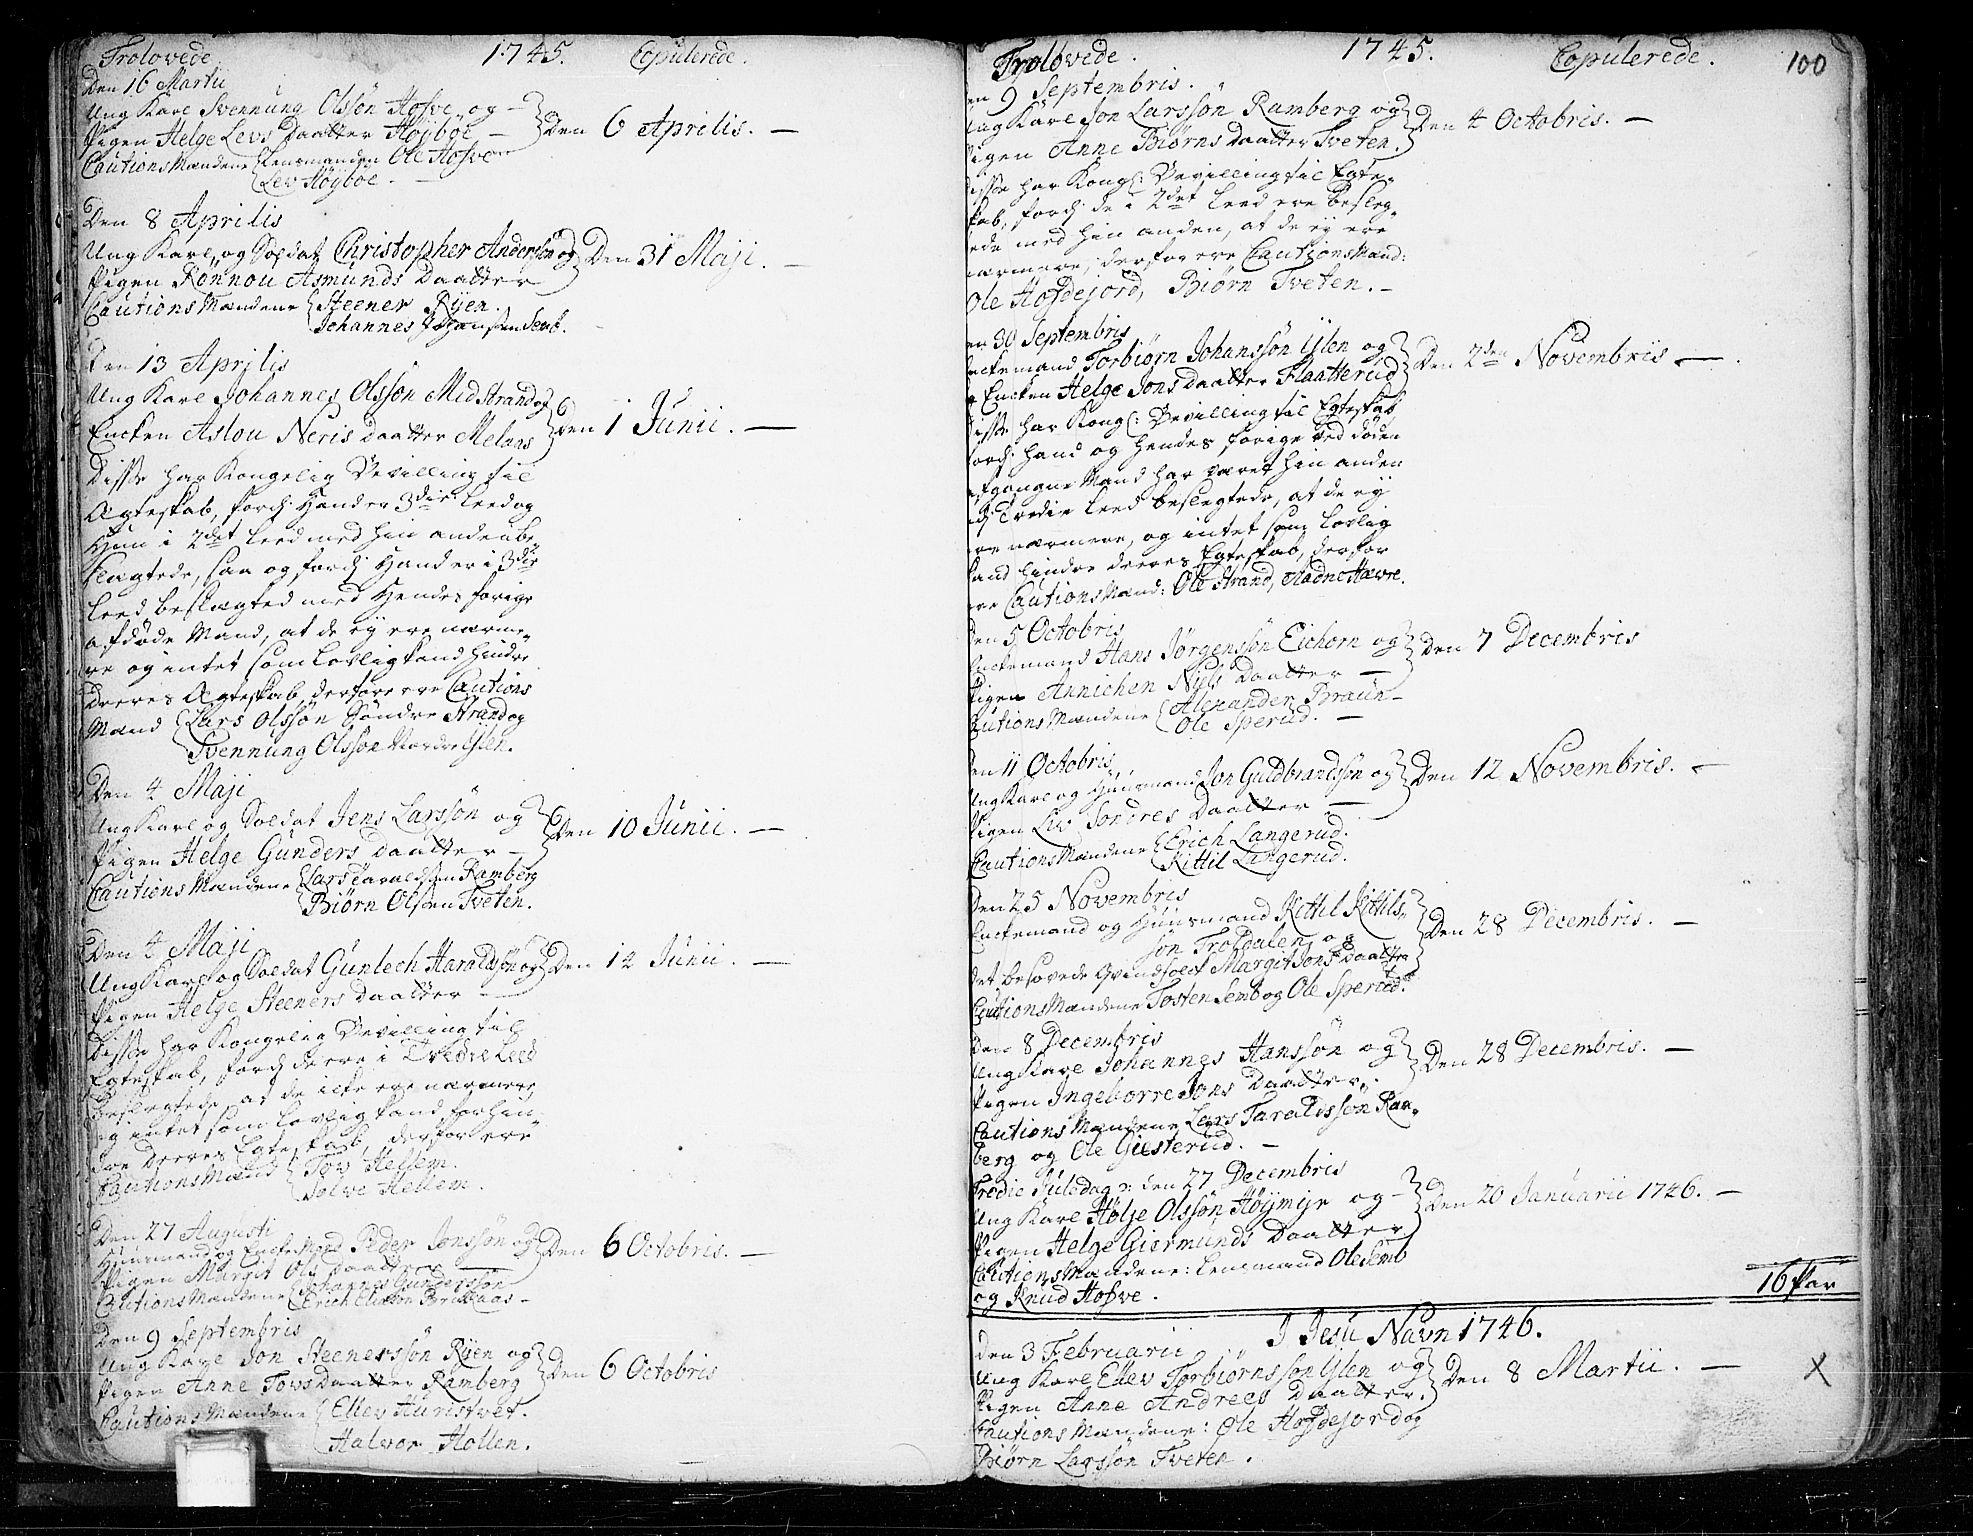 SAKO, Heddal kirkebøker, F/Fa/L0003: Ministerialbok nr. I 3, 1723-1783, s. 100